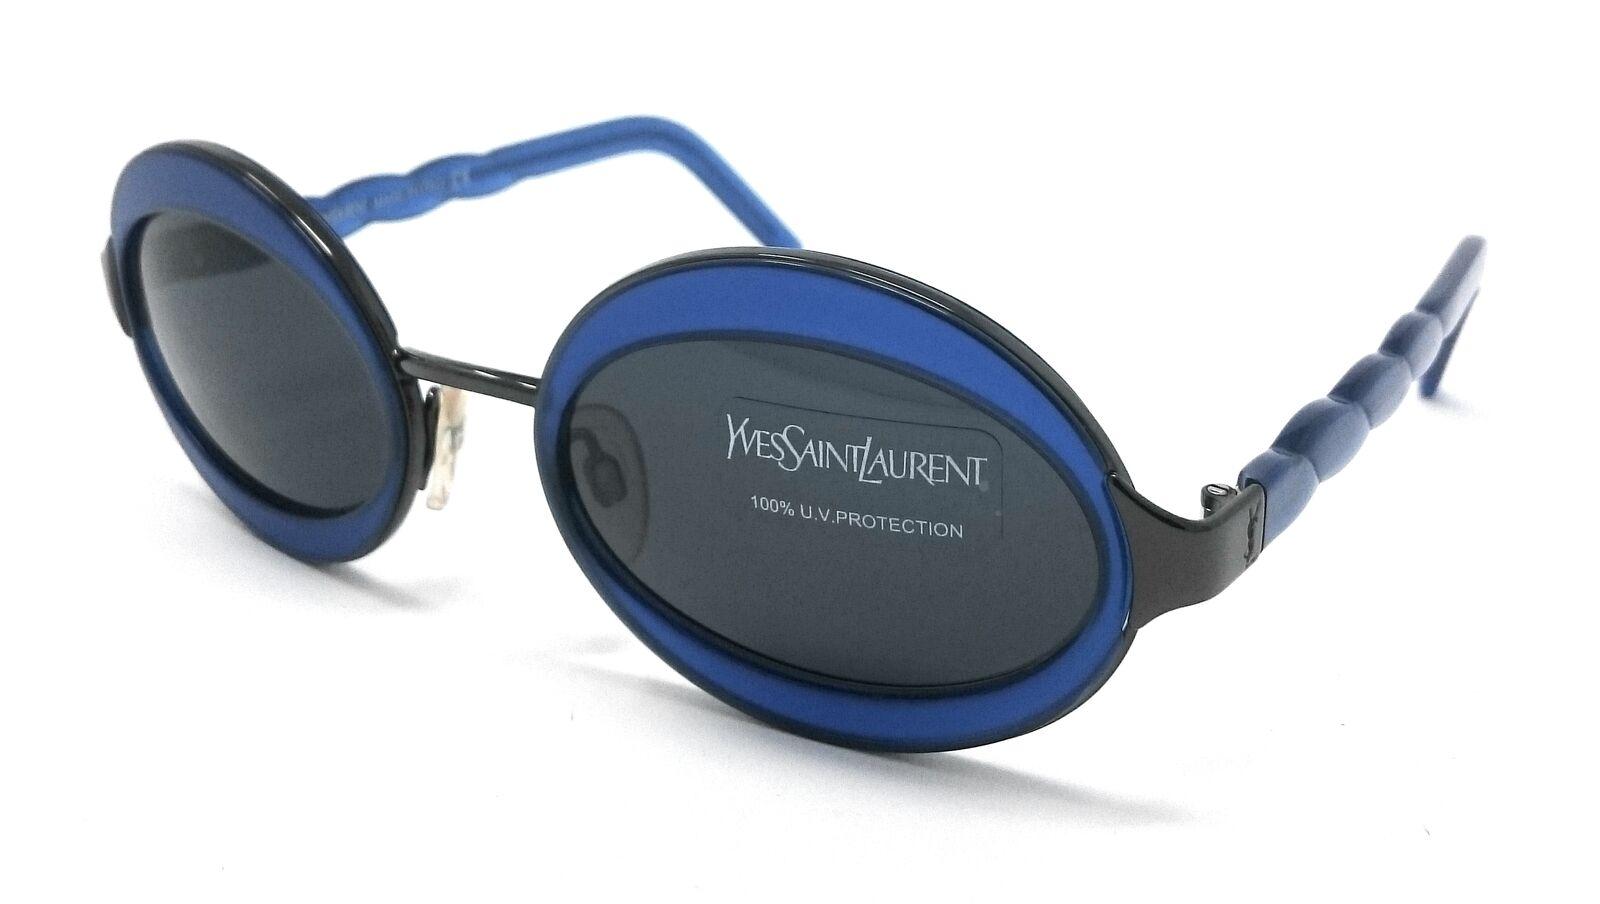 Sunglasses women Yves Saint Laurent YSL 6058 y360 Vintage Blue, Gun-show original title